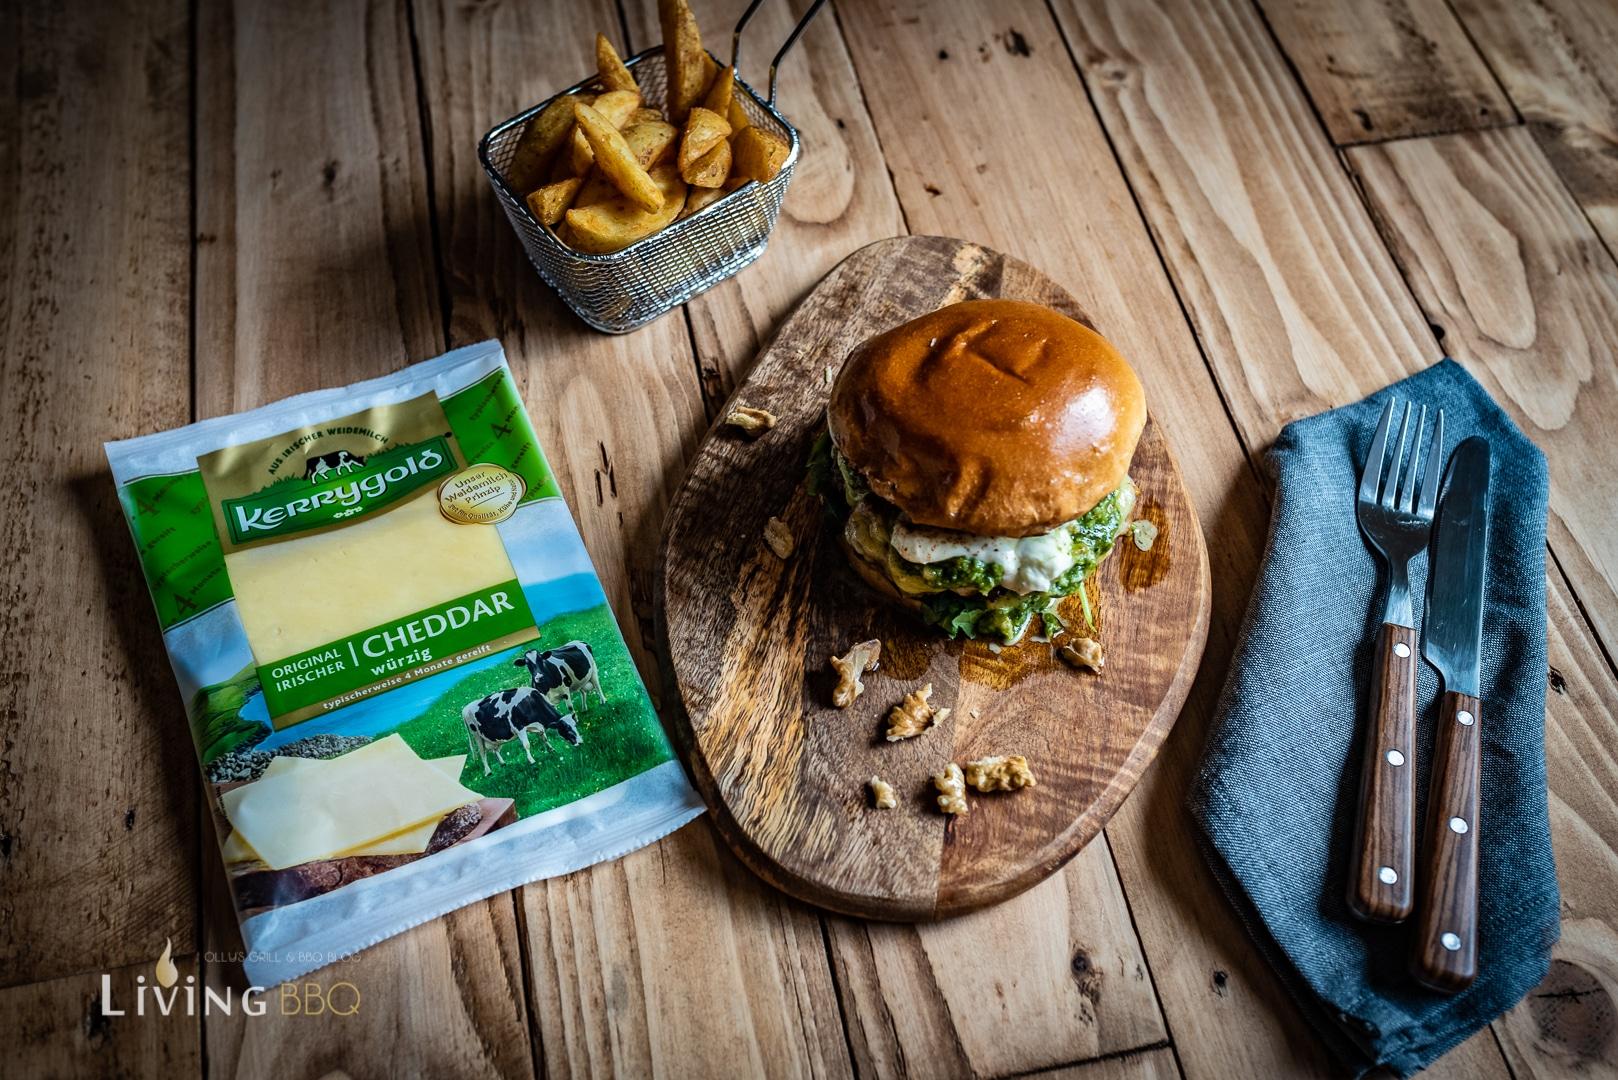 Kerrygold Cheddar Burger